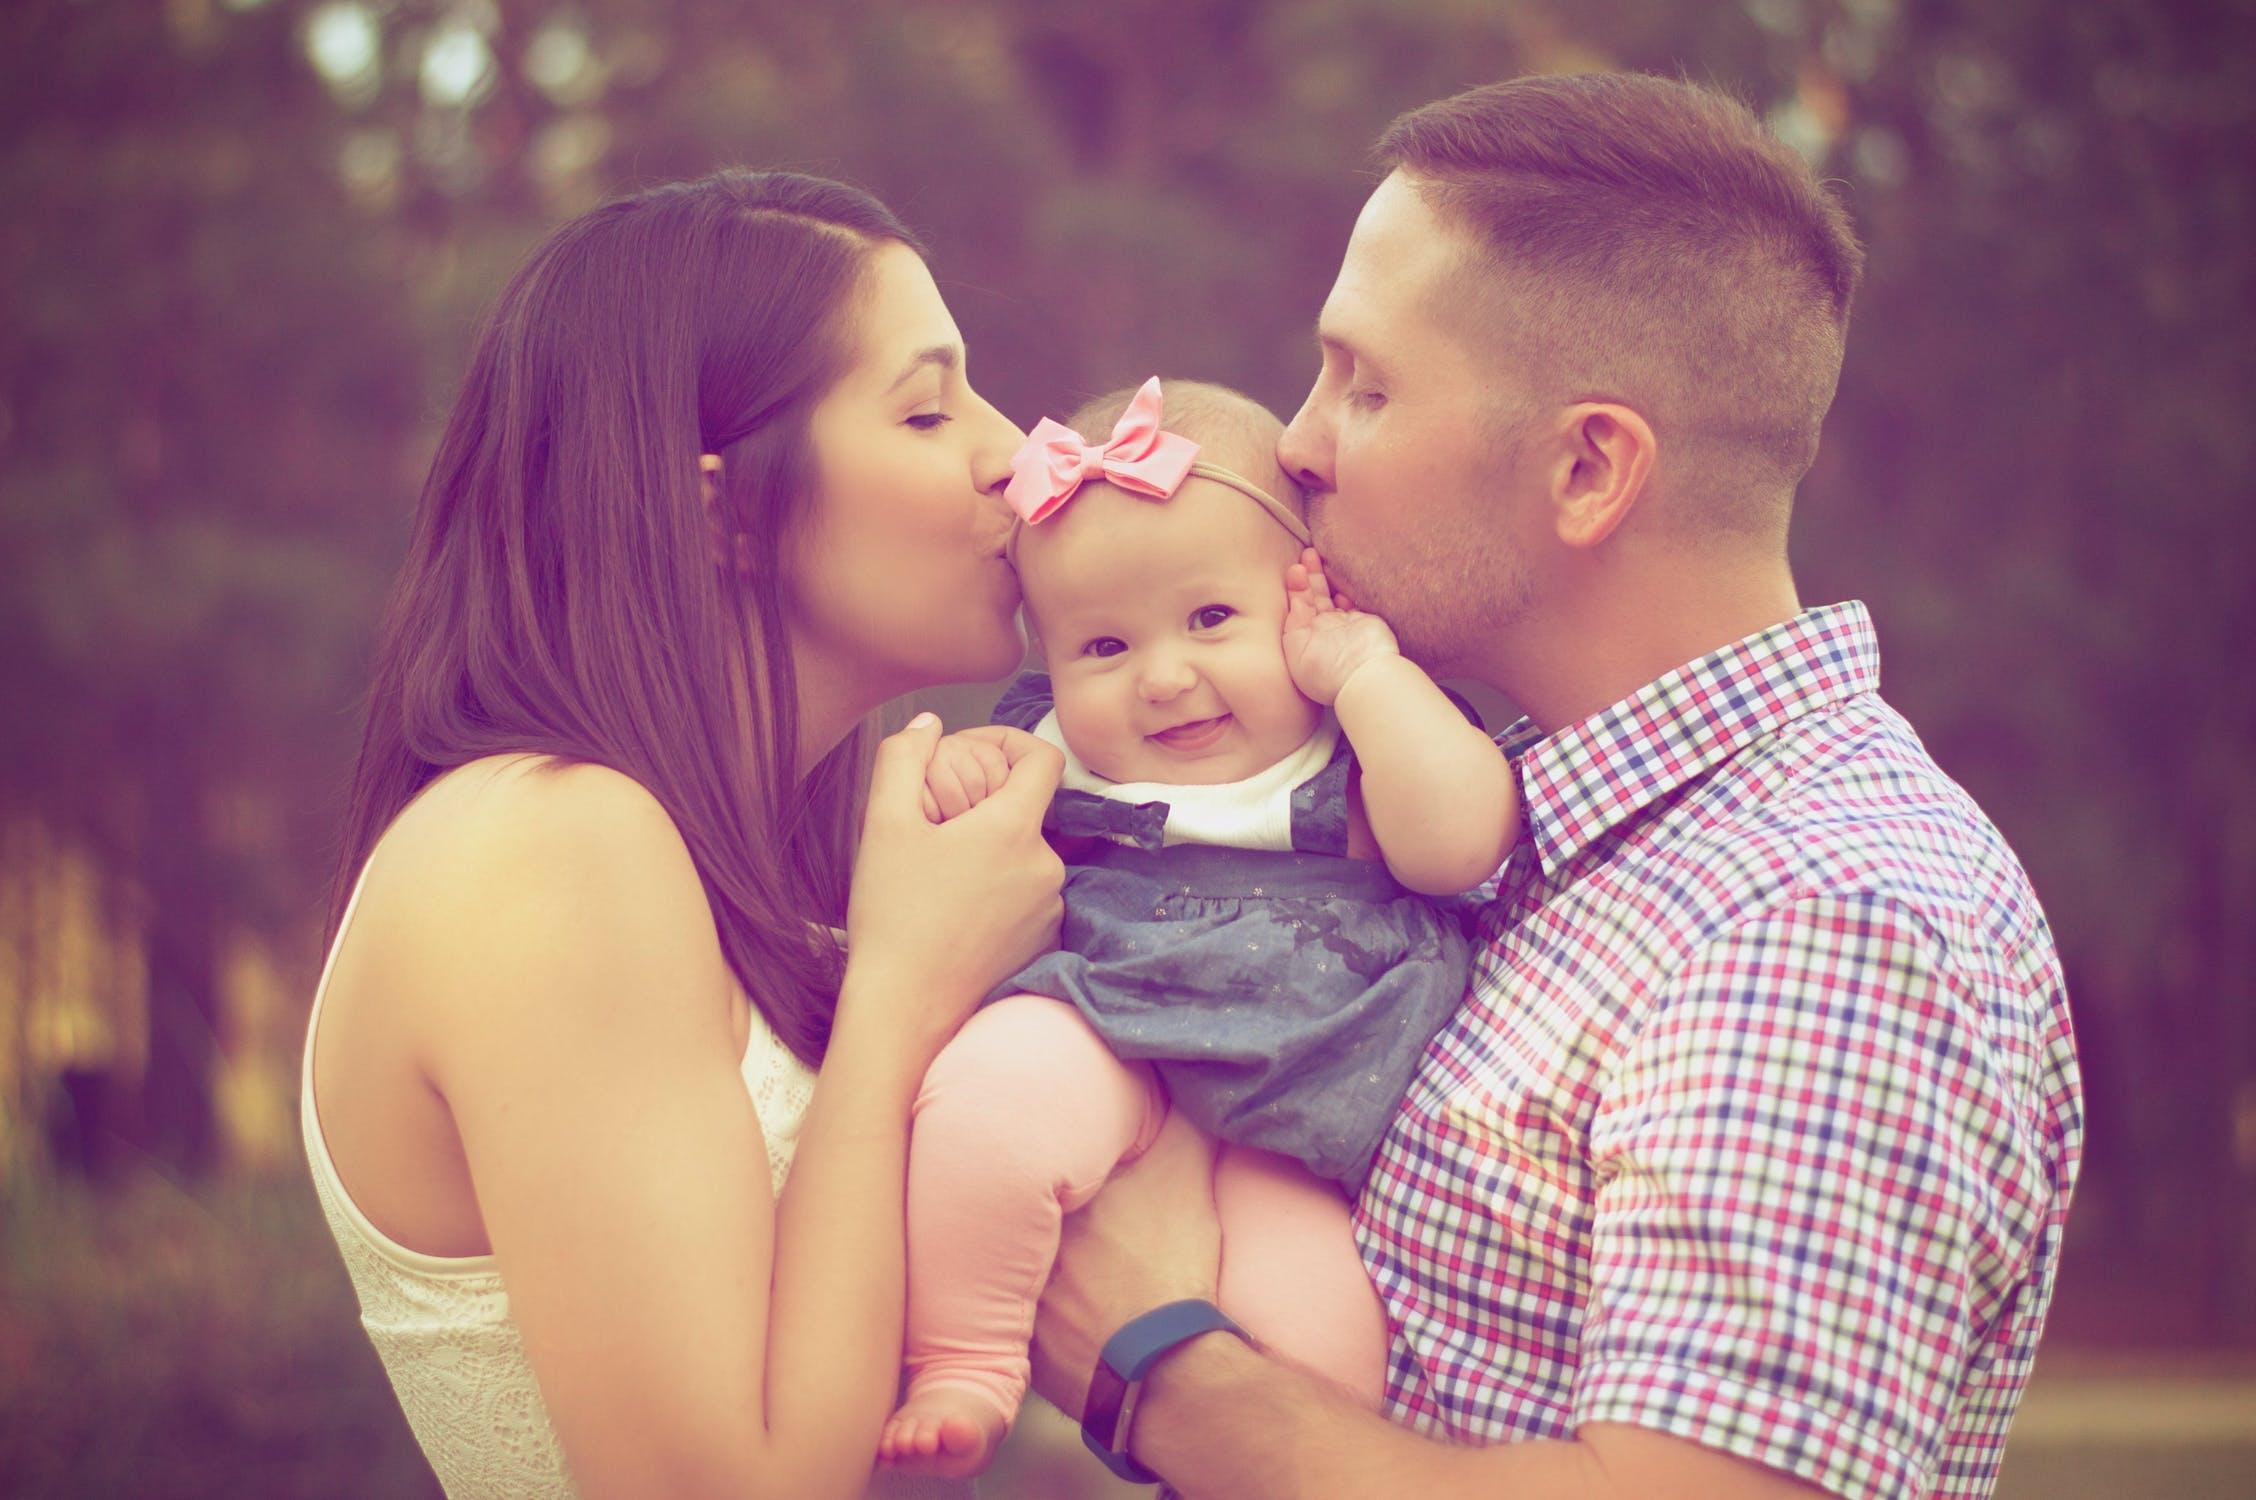 Program dofinansowania in vitro w Warszawie przyniósł rodzicom szczęście /Na zdjęciu: Rodzice całują uśmiechniętą małą dziewczynkę z różową kokardką